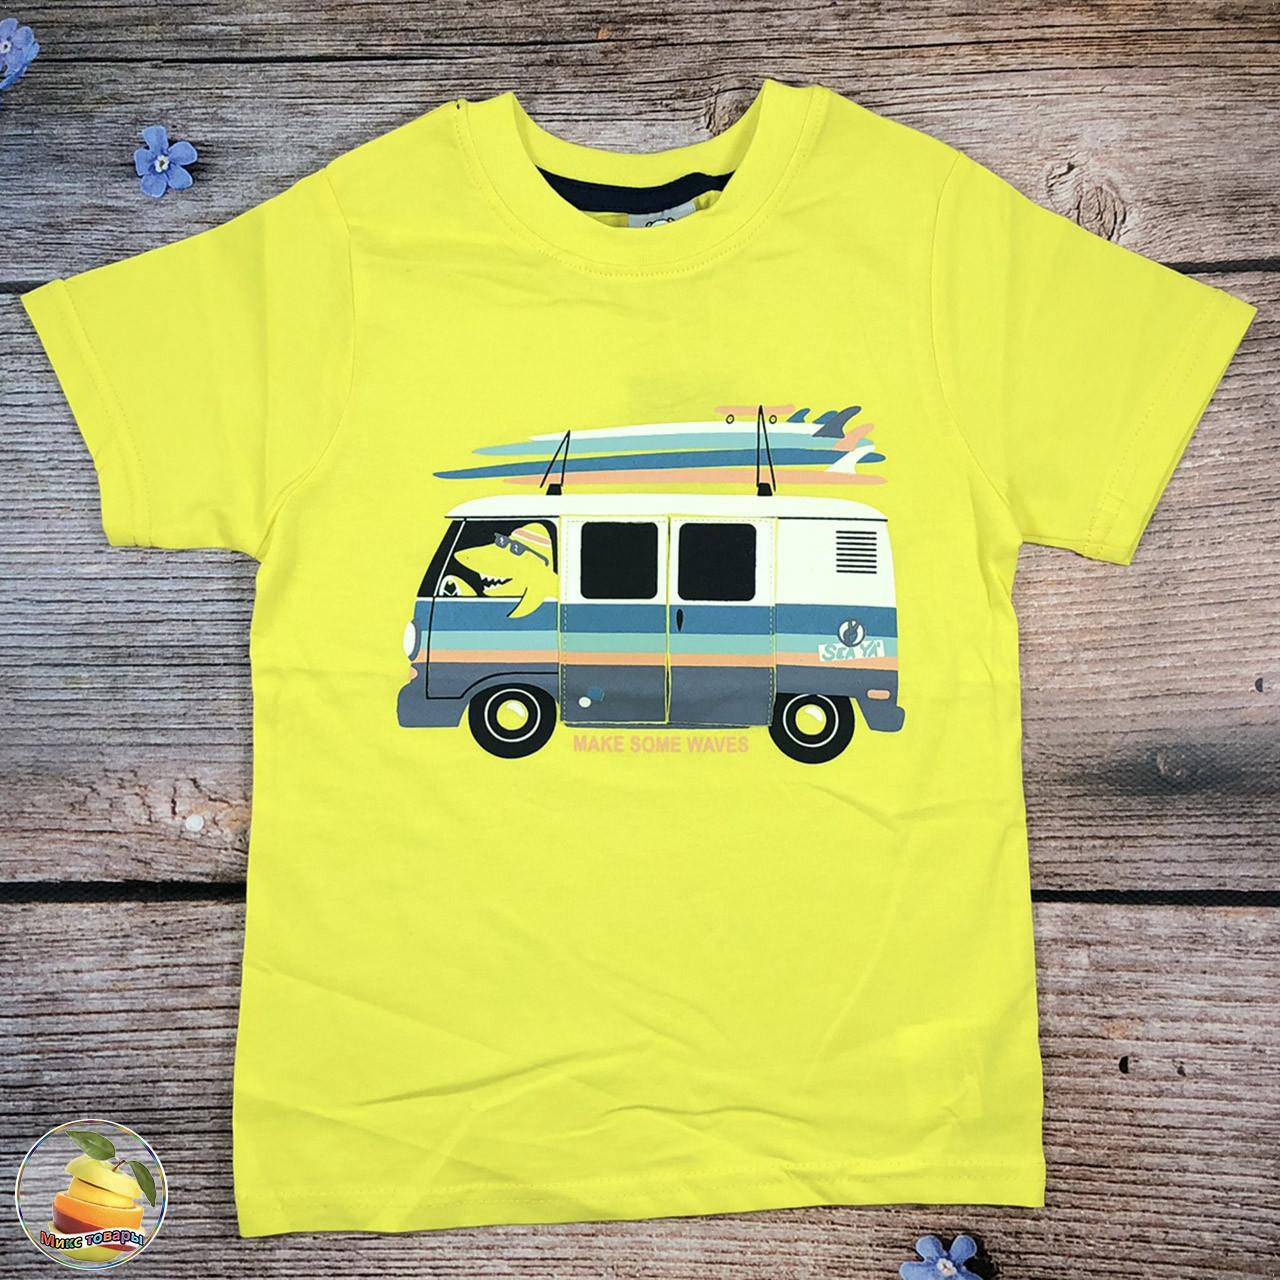 Детская мальчуковая футболка Размеры: 2,4,6,8 лет (20300)